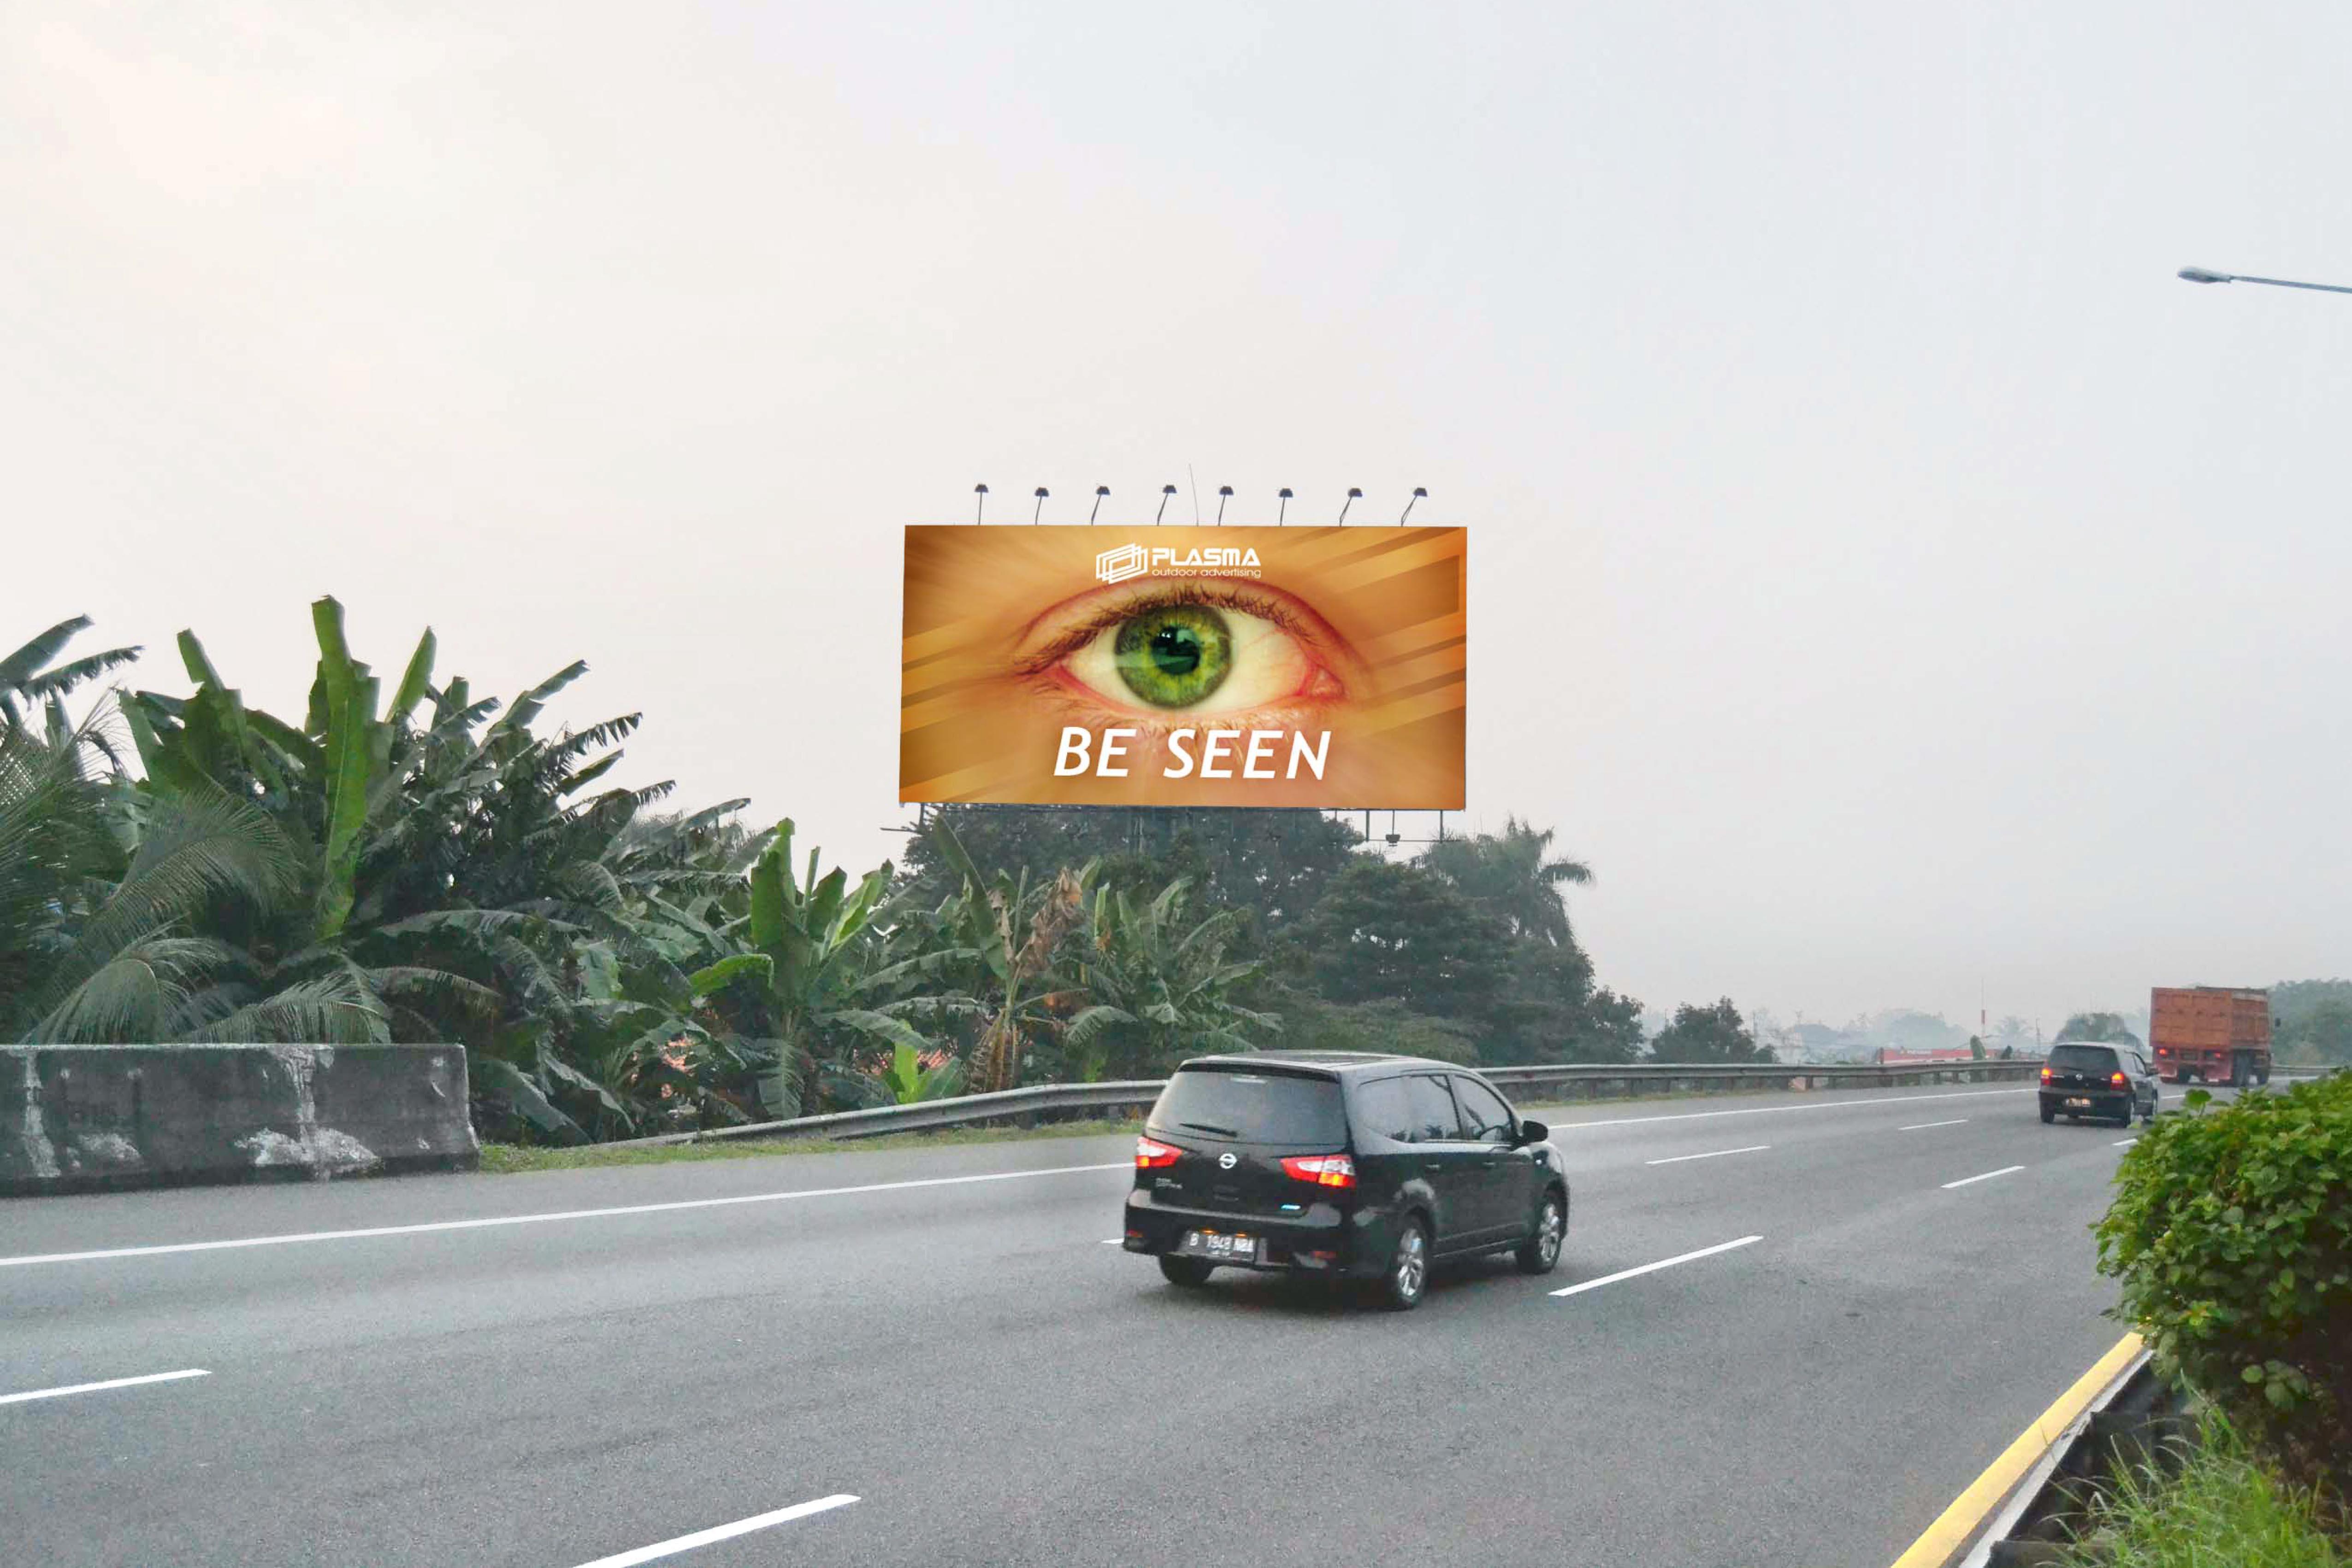 Billboard_JakartaSerpongTollroad_KM-2+900